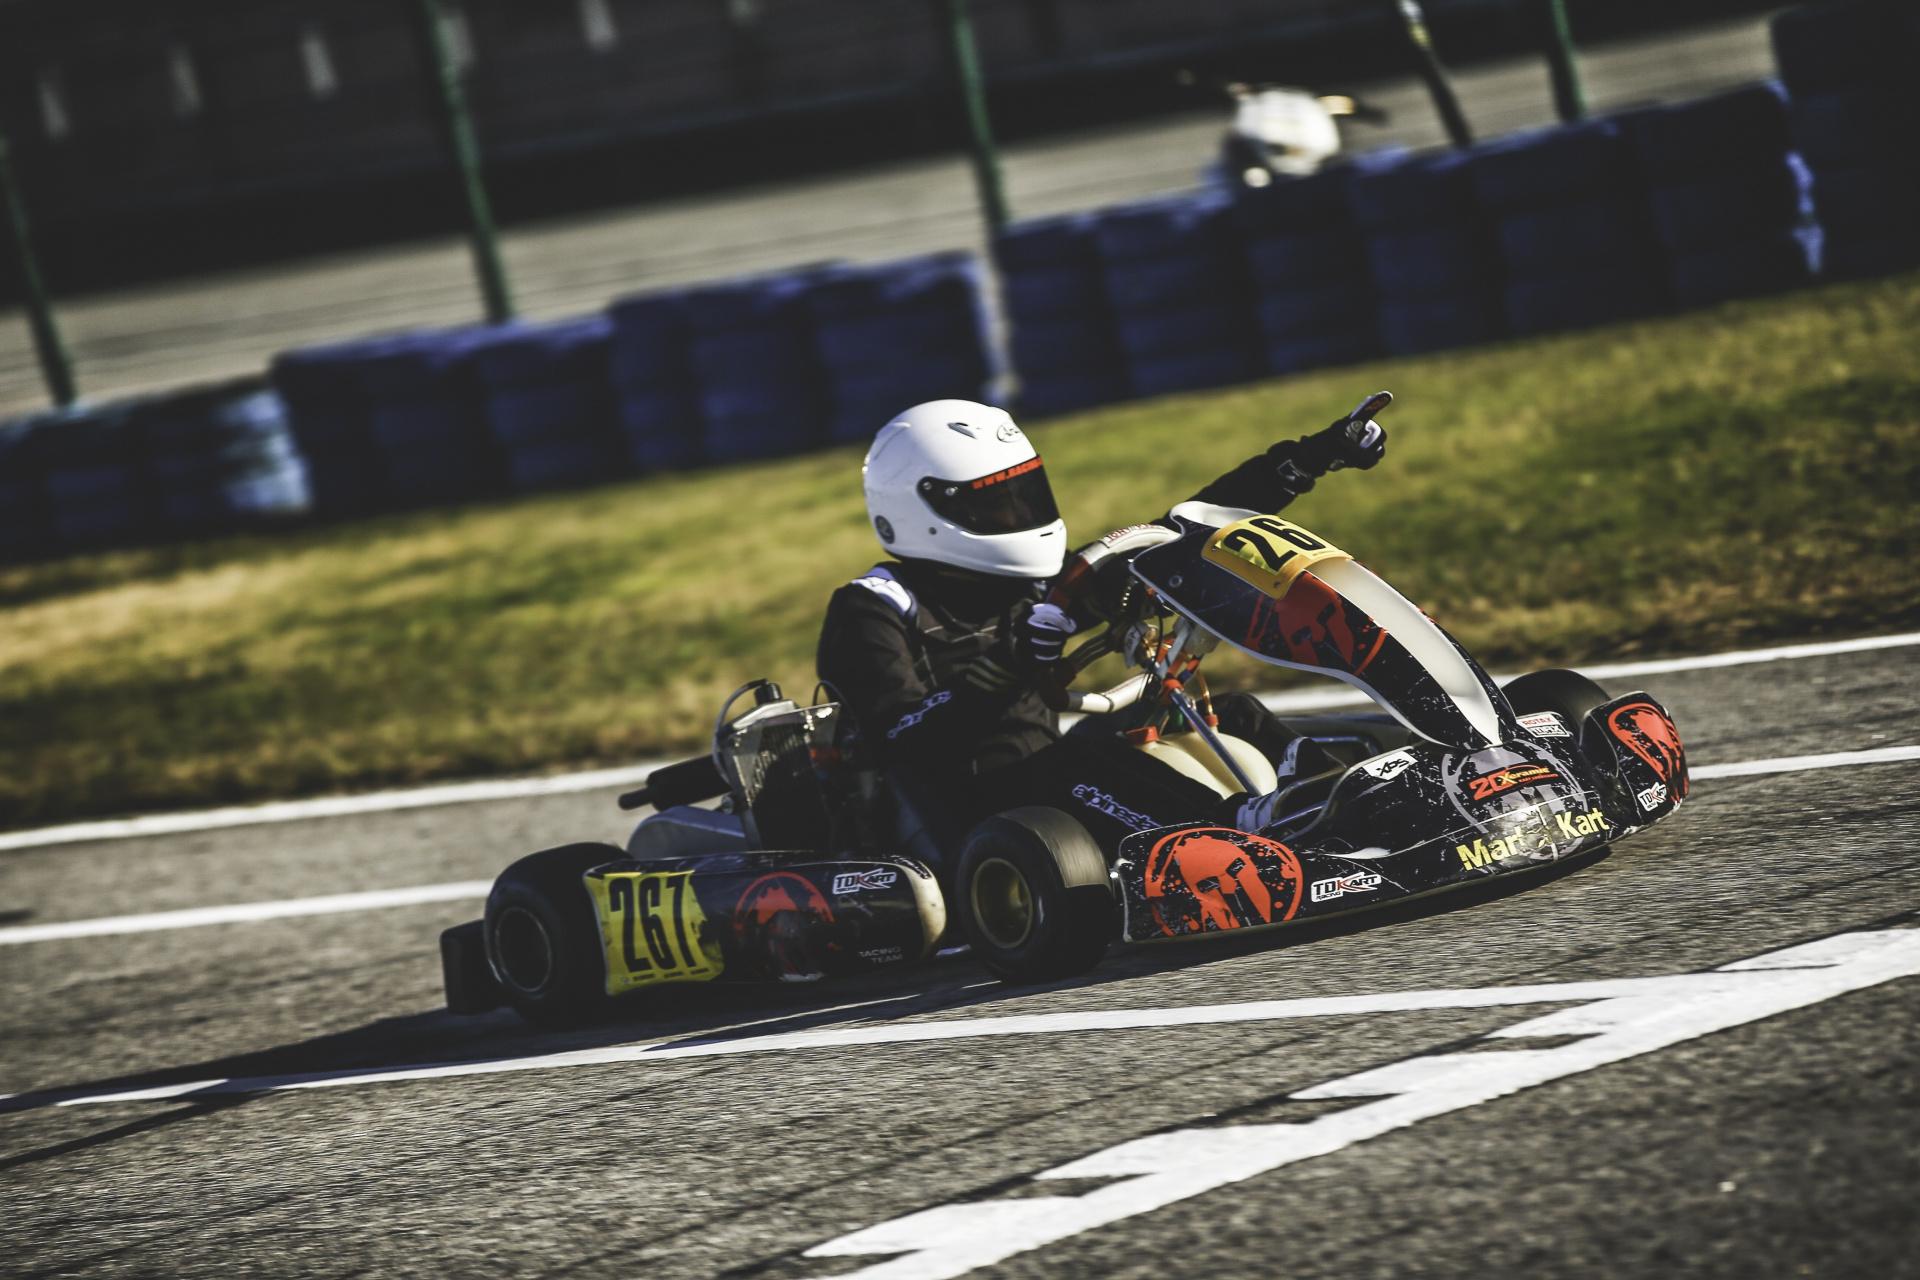 Guillermo Pernía, Campeón del Rotax Max Challenge en Portugal